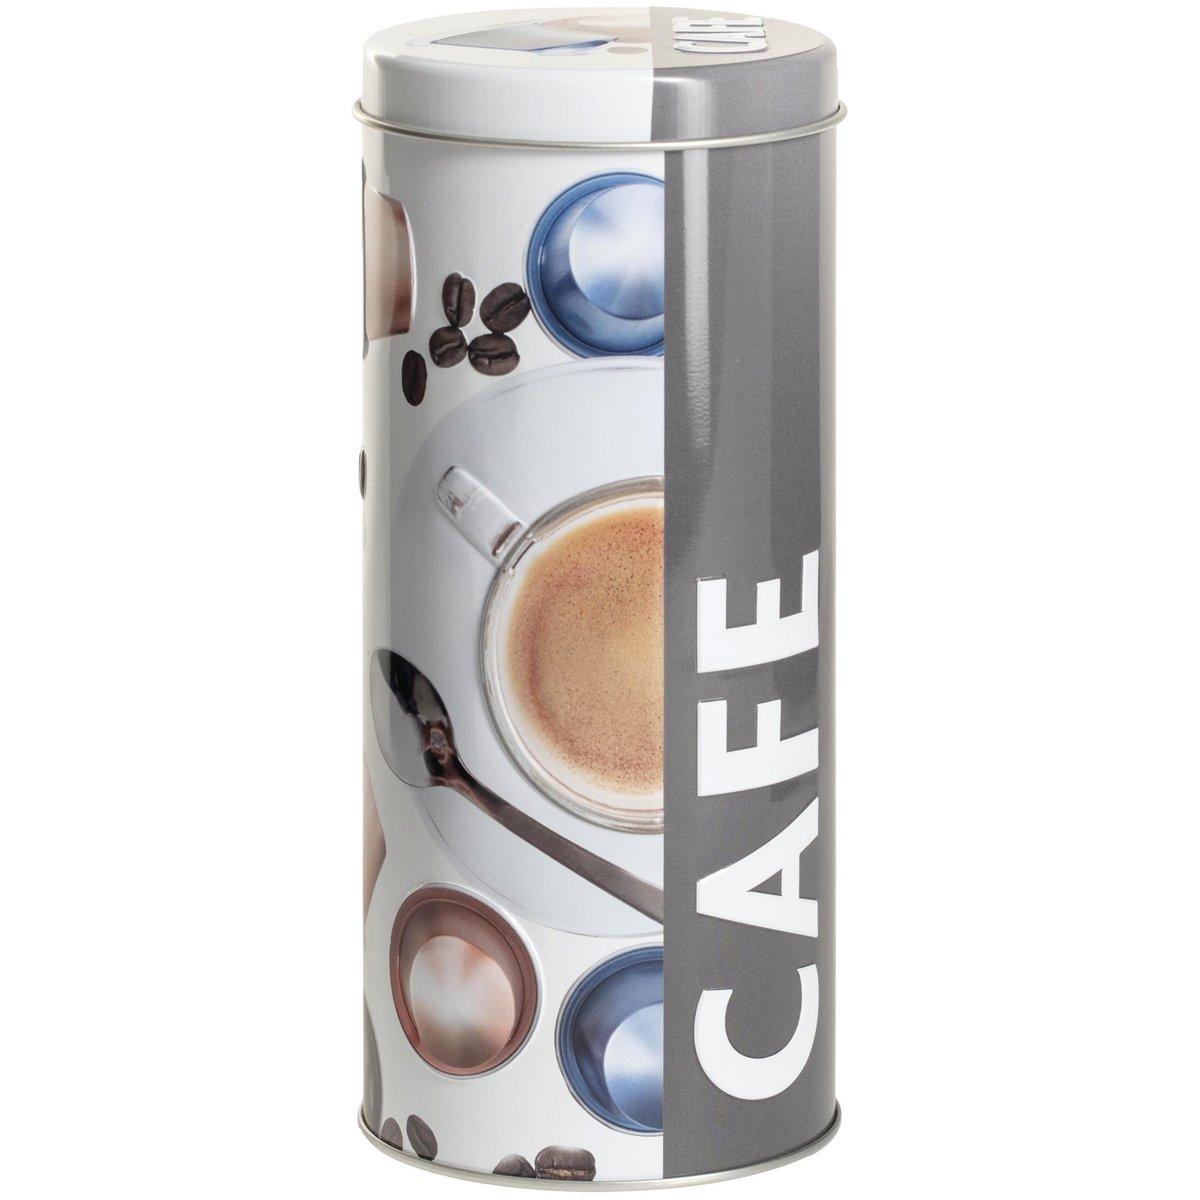 Promobo Boite A Capsules Dosette Senseo Caf/é Design Grain De Caf/é Relief